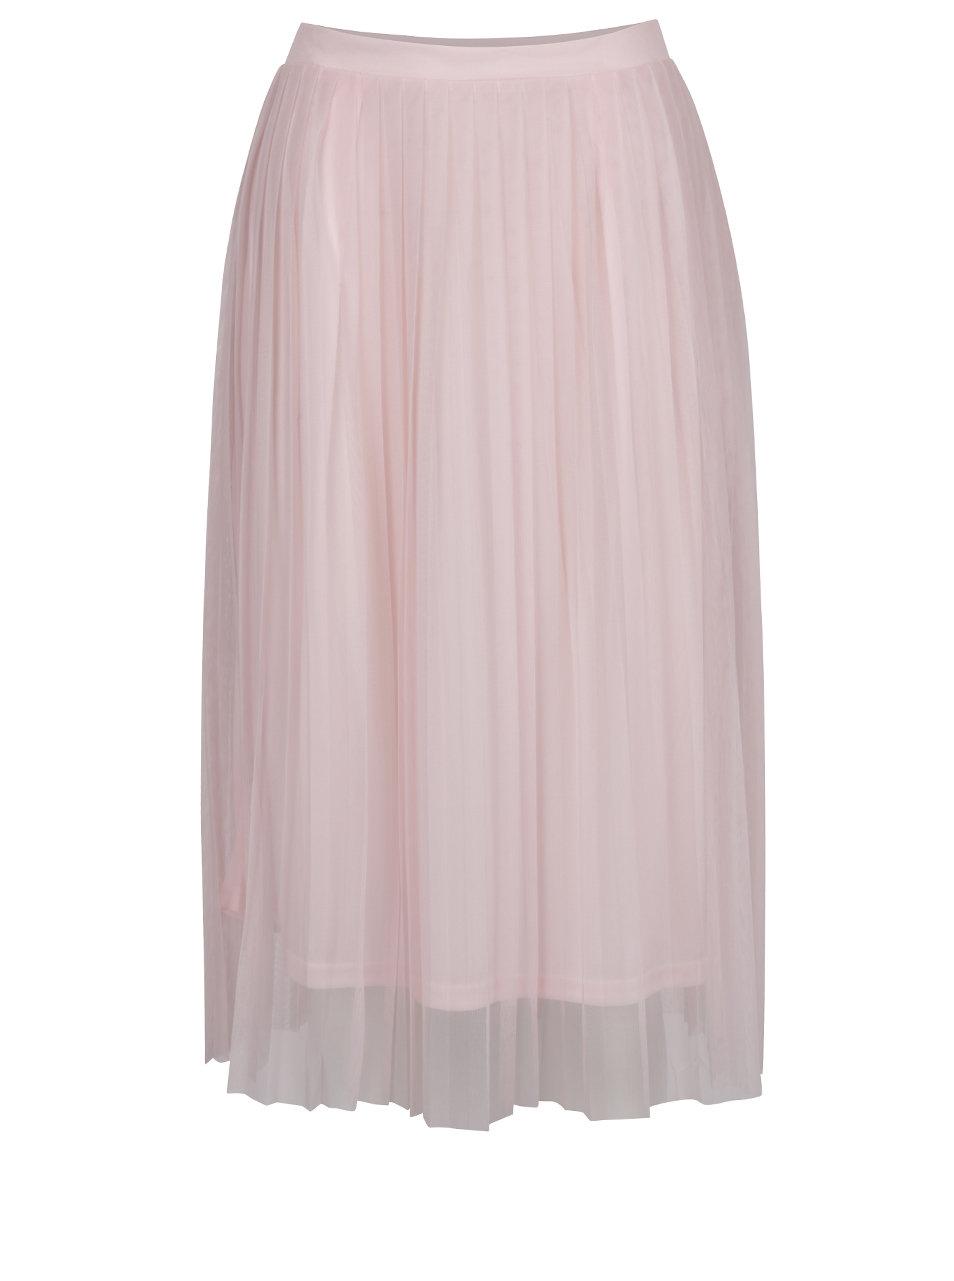 Ružová tylová plisovaná midi sukňa ONLY Fiona ... 7ceda56bbc